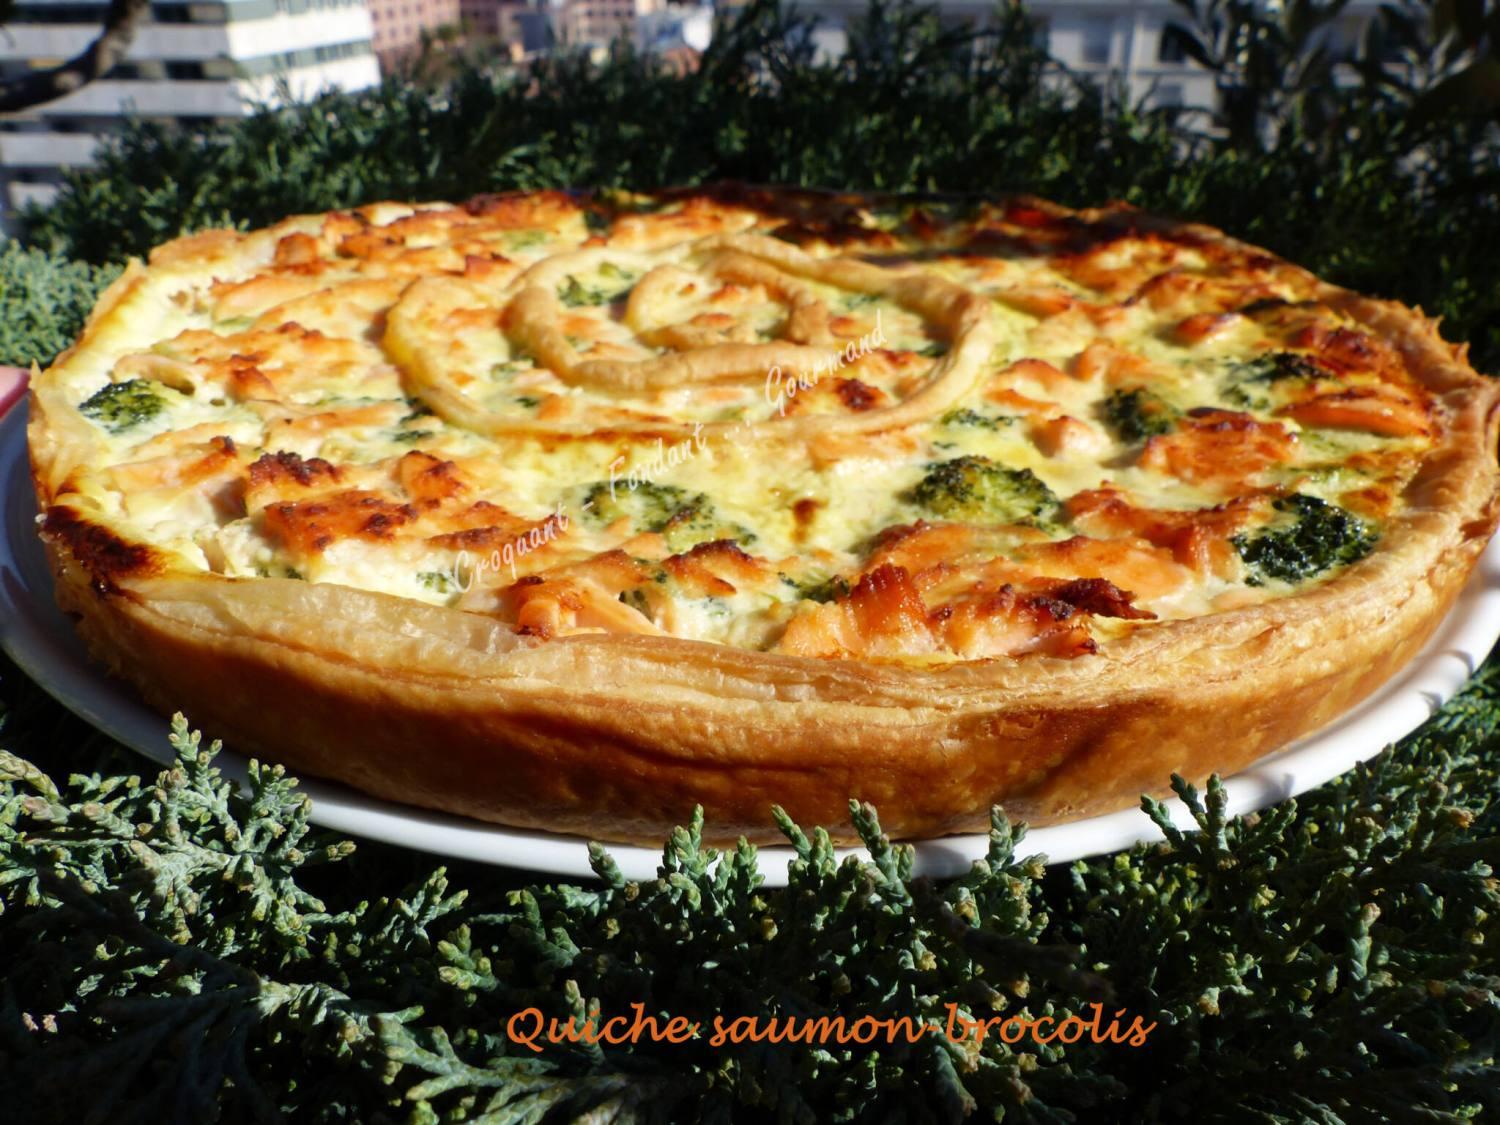 Quiche saumon-brocolis P1010586